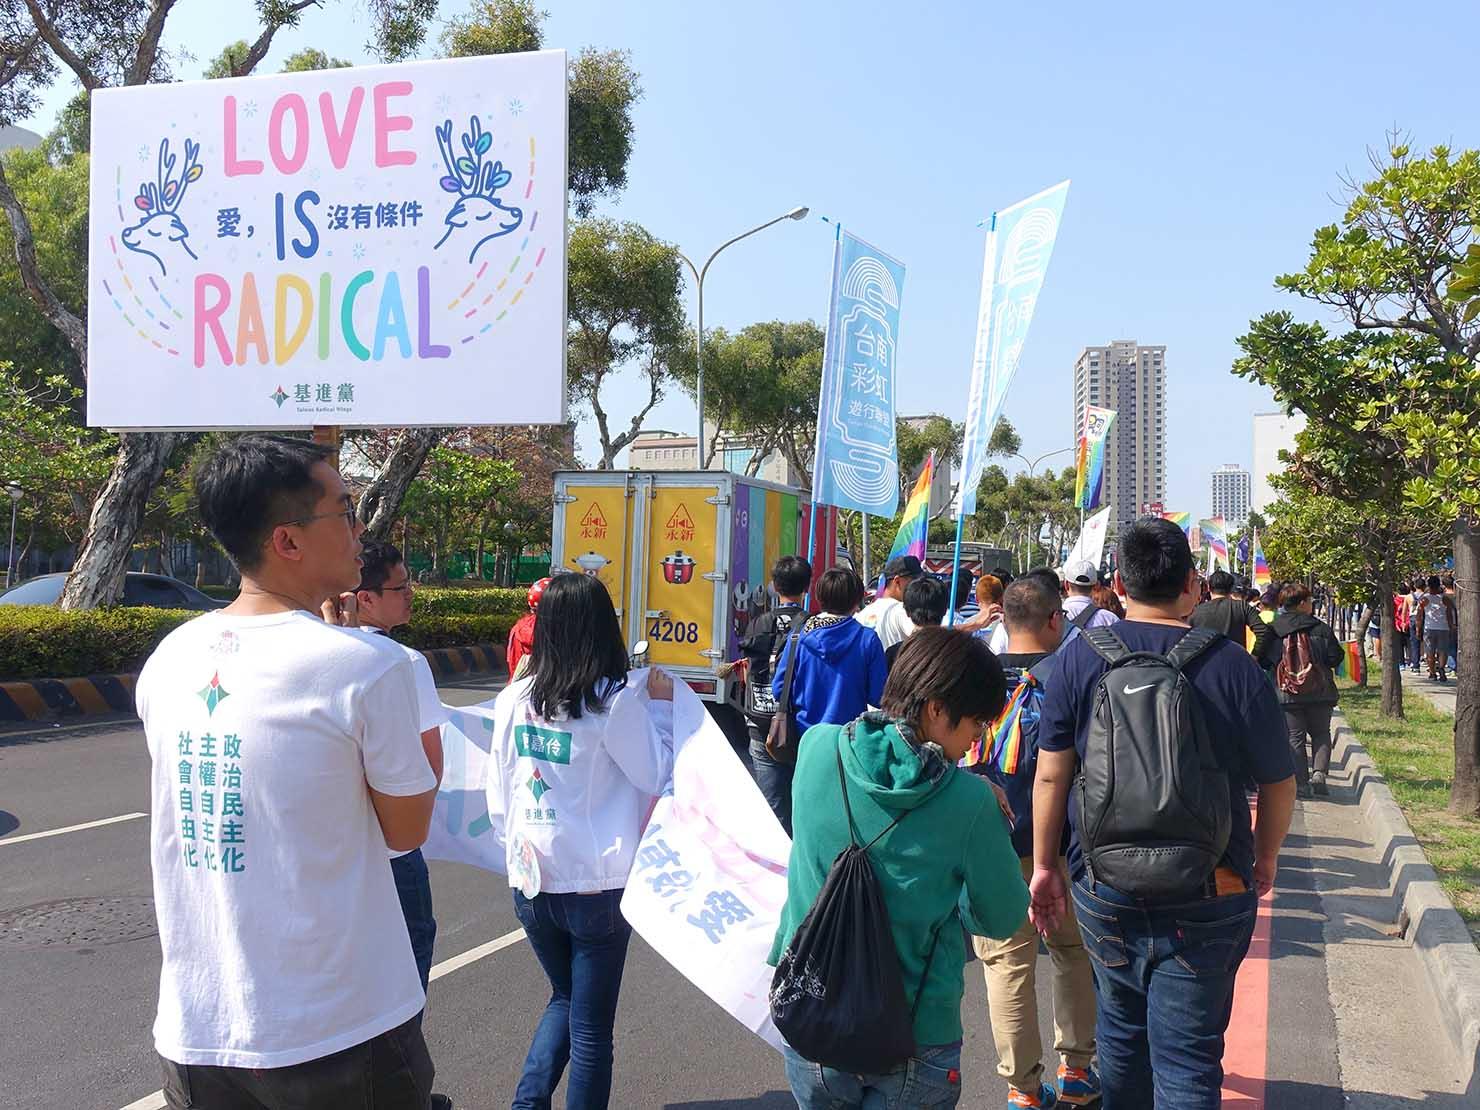 2018年台湾最初のLGBTプライド「台南彩虹遊行(台南レインボーパレード)」でメッセージボードを掲げる団体